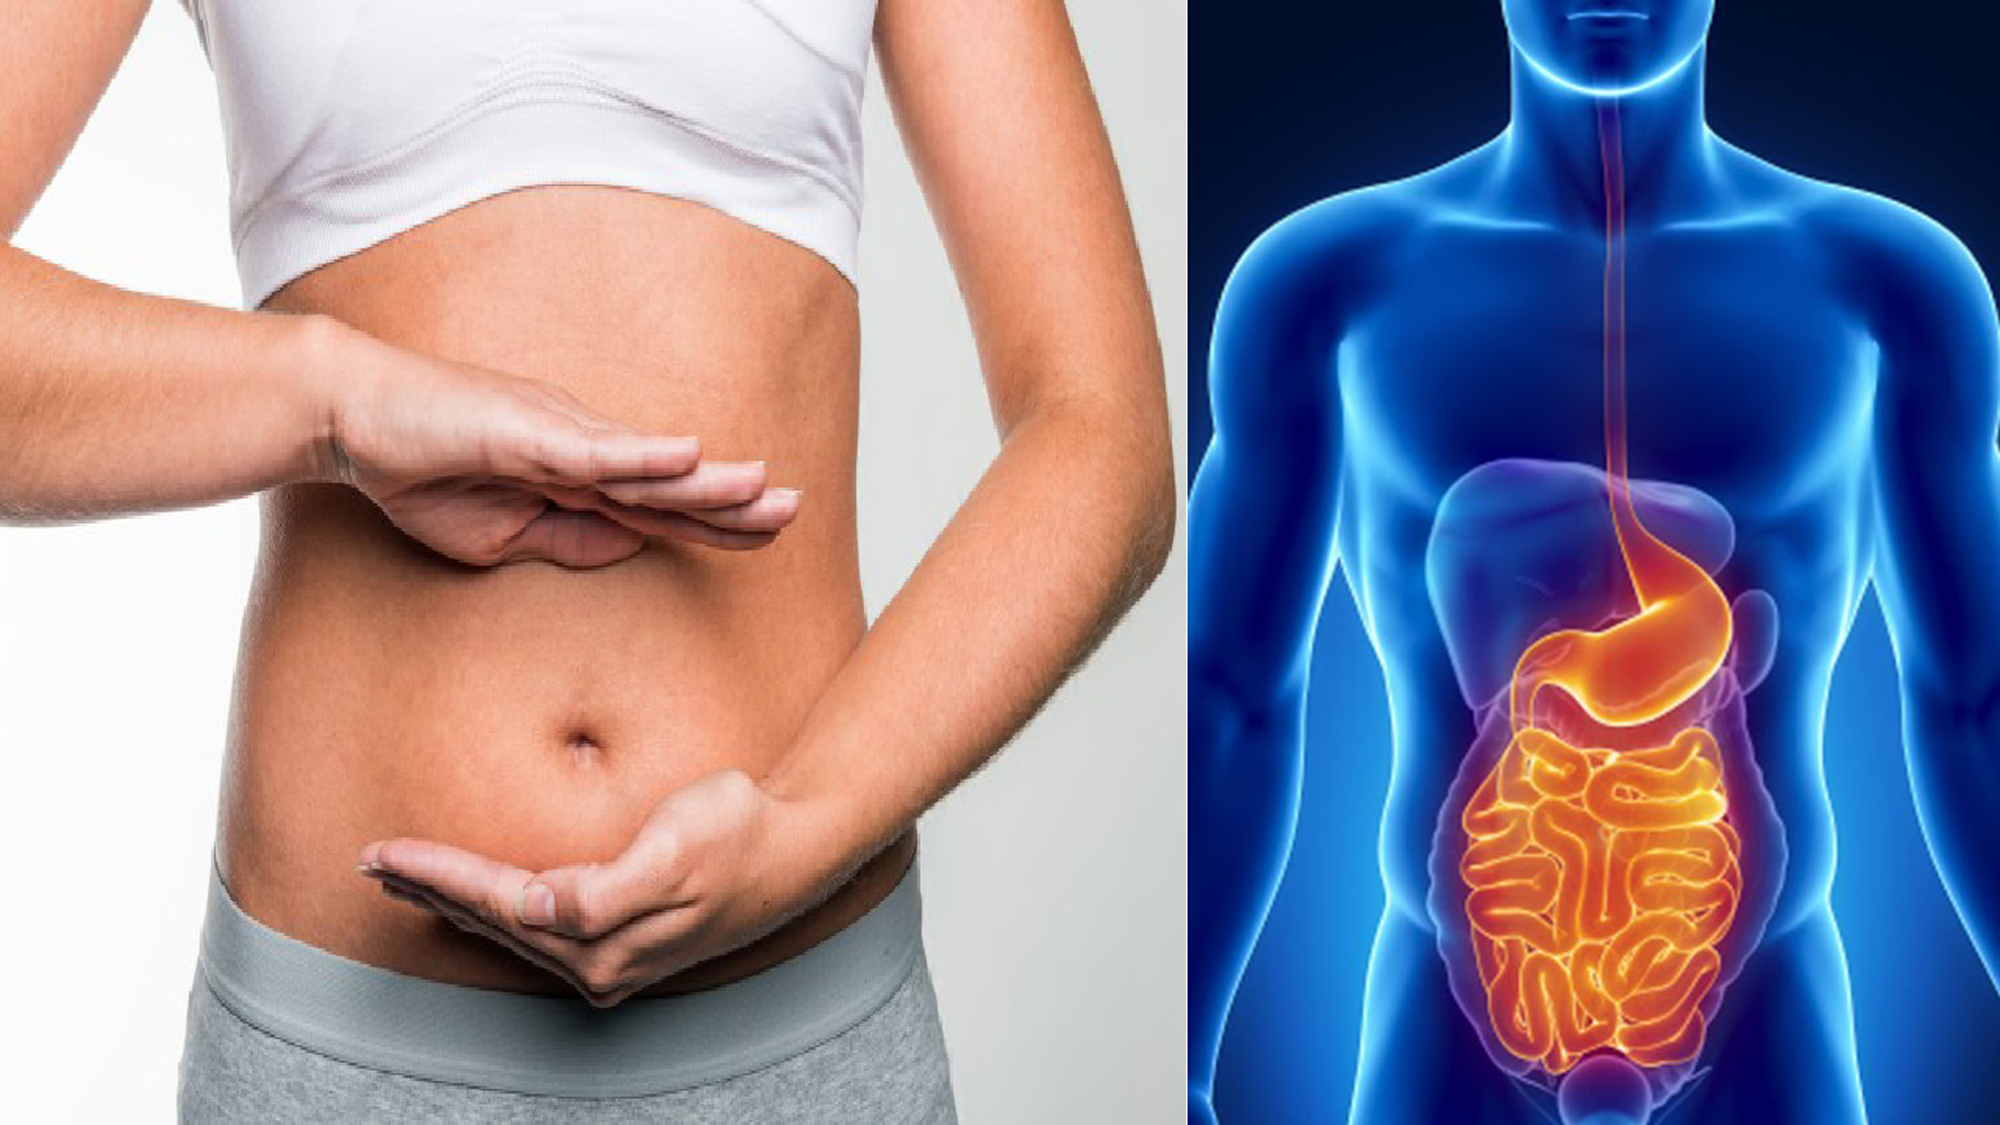 remedii naturiste pentru sindromul colonului iritabil